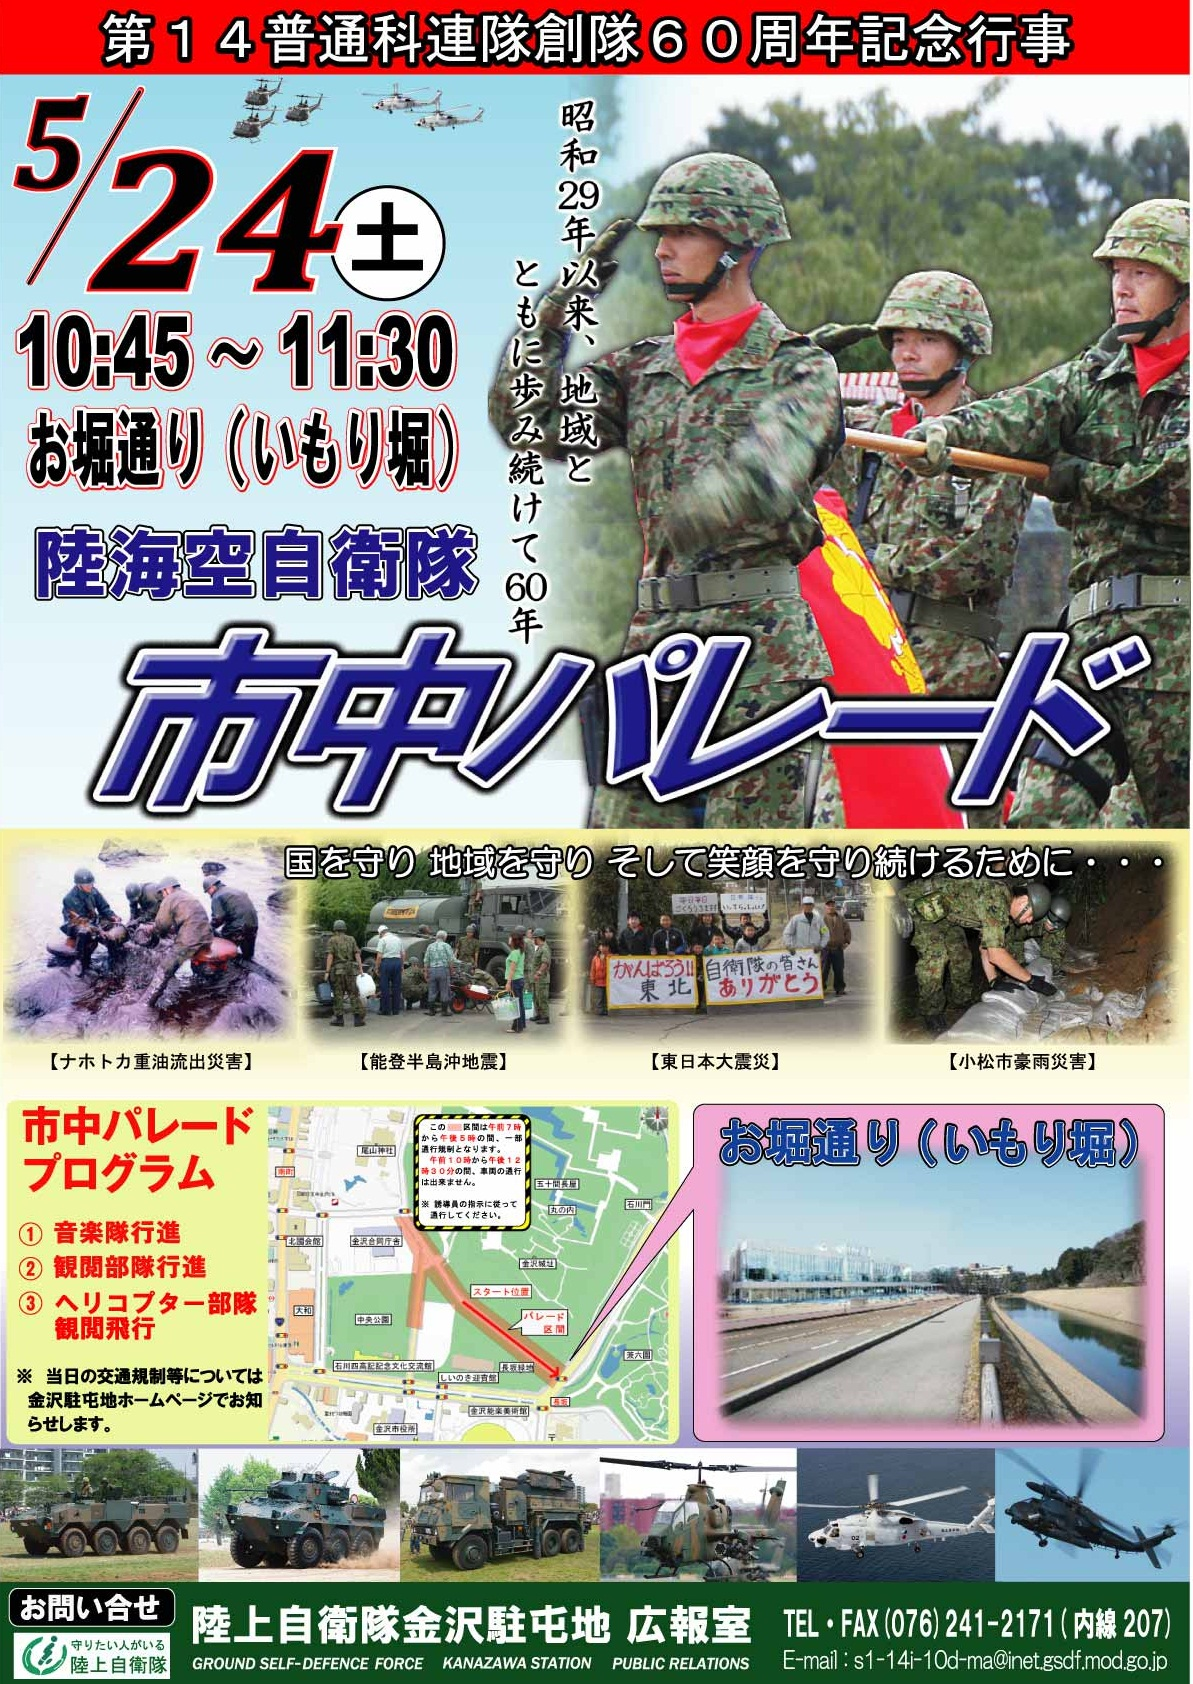 paradepostor(2014.5.24軍事パレード)